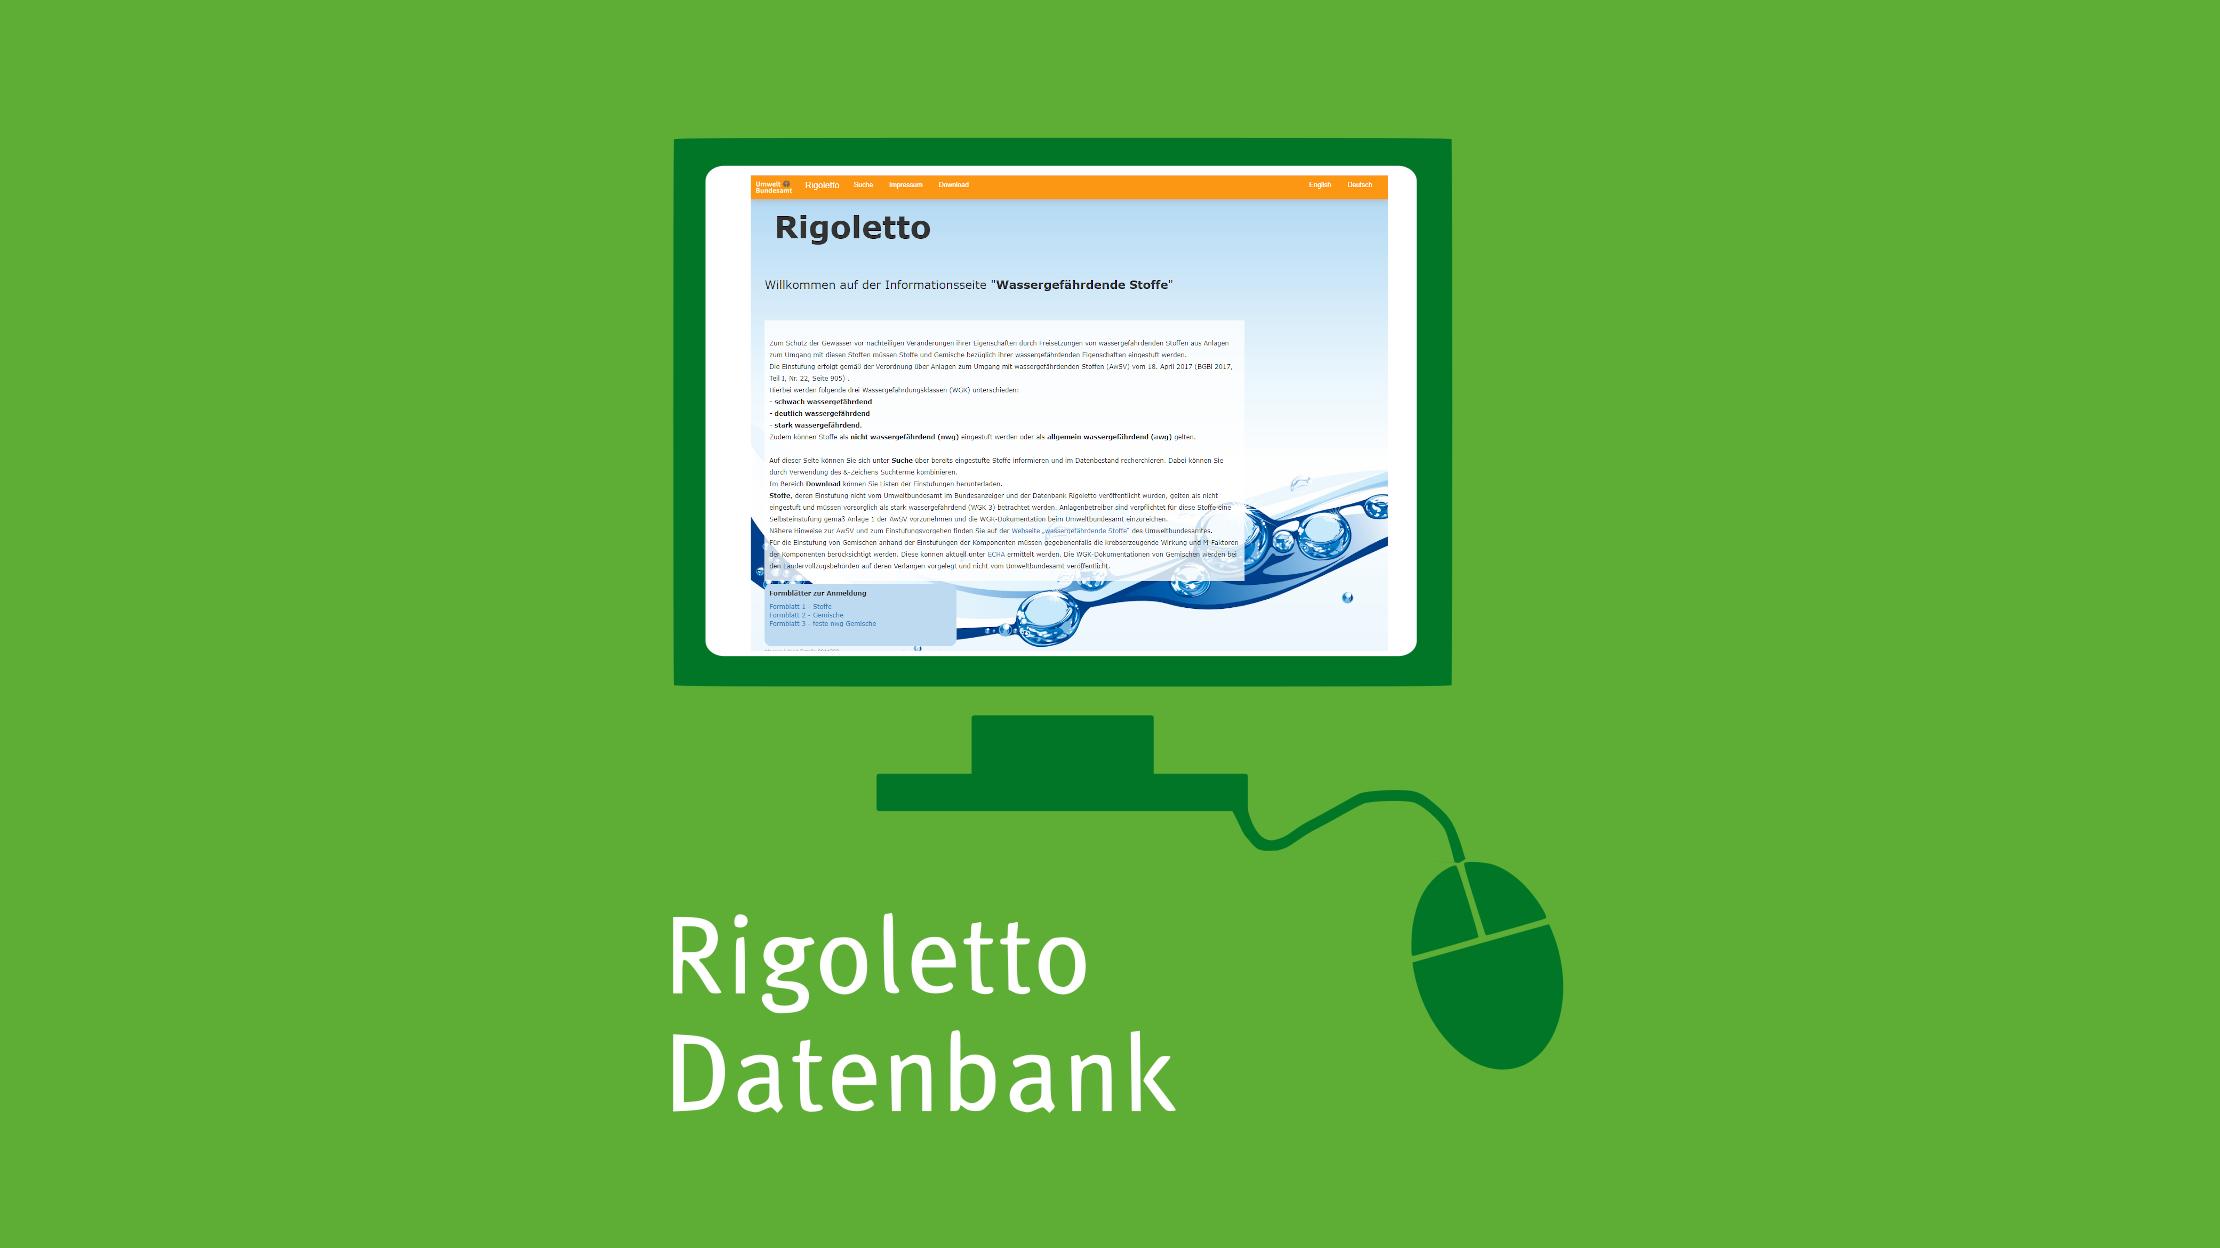 Mit Klick aufs Bild gelangen Sie zur verlinkten Rigoletto-Datenbank.